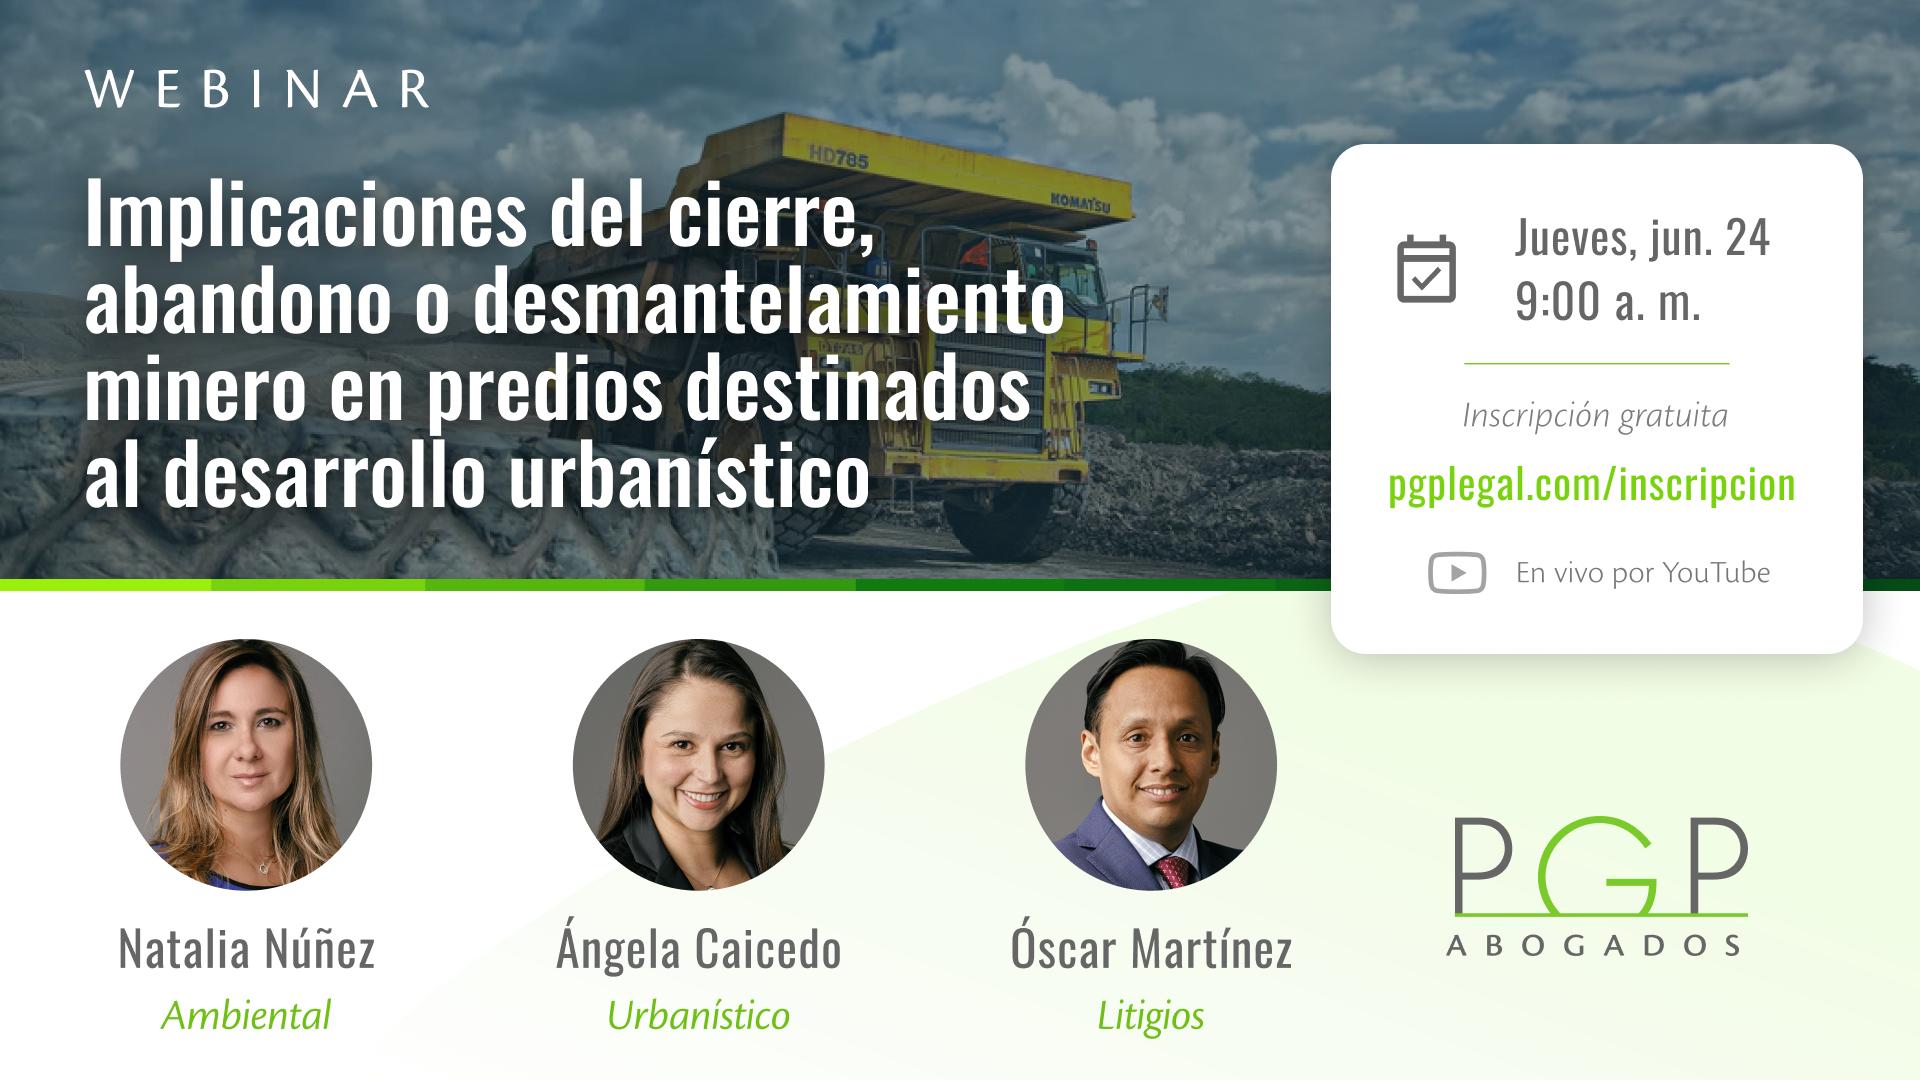 Implicaciones del cierre, abandono o desmantelamiento minero en predios destinados al desarrollo urbanístico